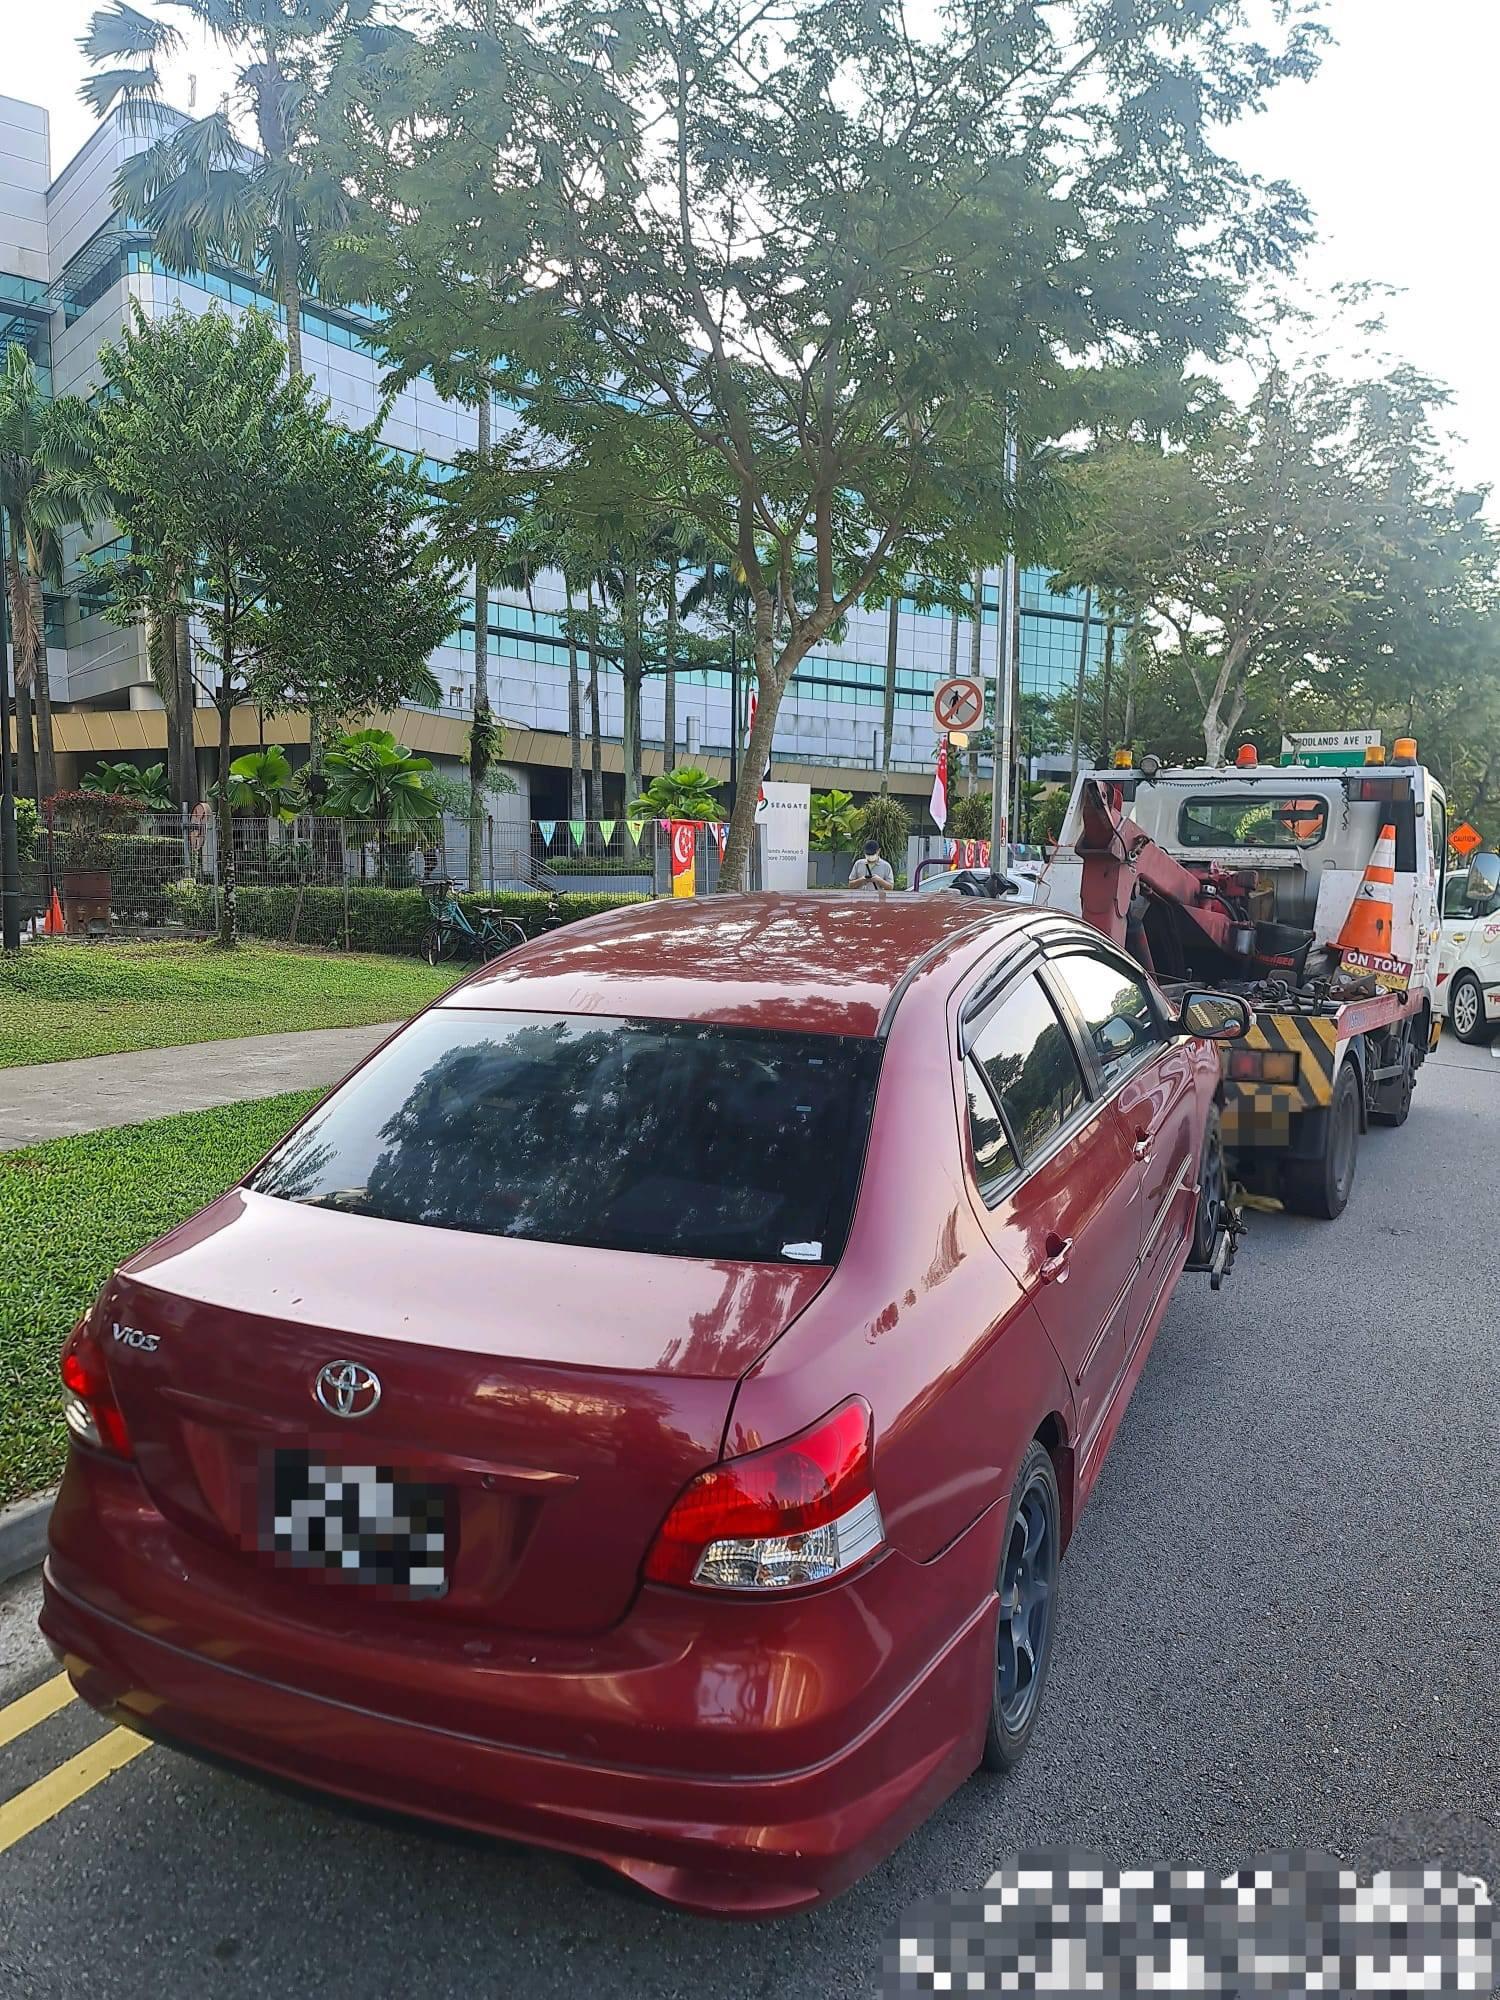 Illegal carpooling P2HA